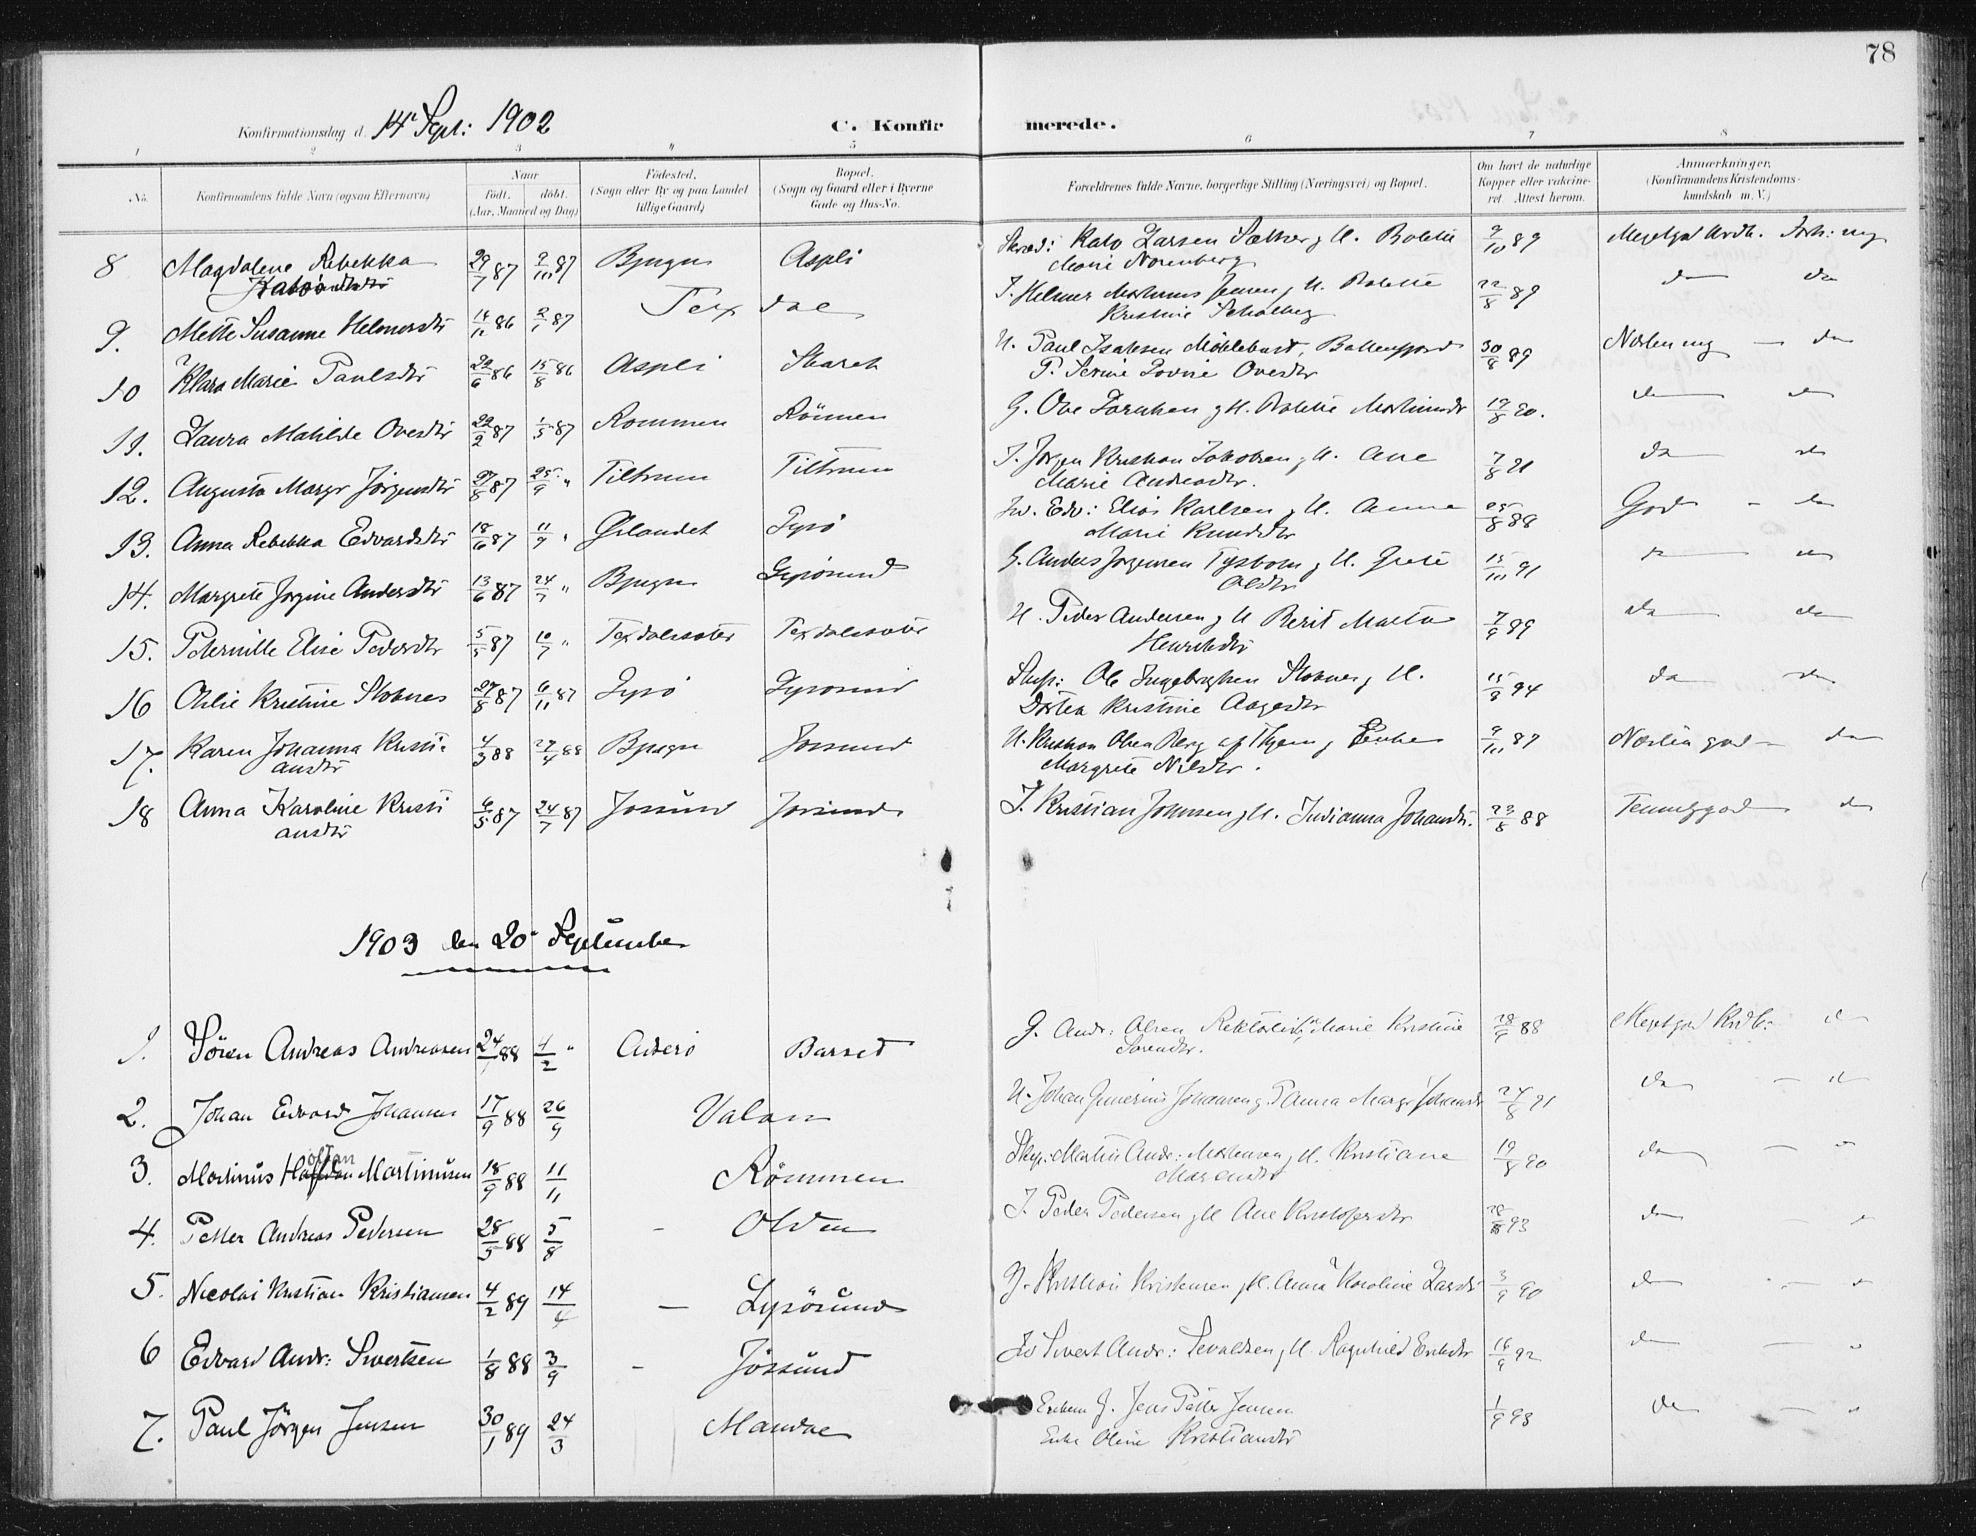 SAT, Ministerialprotokoller, klokkerbøker og fødselsregistre - Sør-Trøndelag, 654/L0664: Ministerialbok nr. 654A02, 1895-1907, s. 78